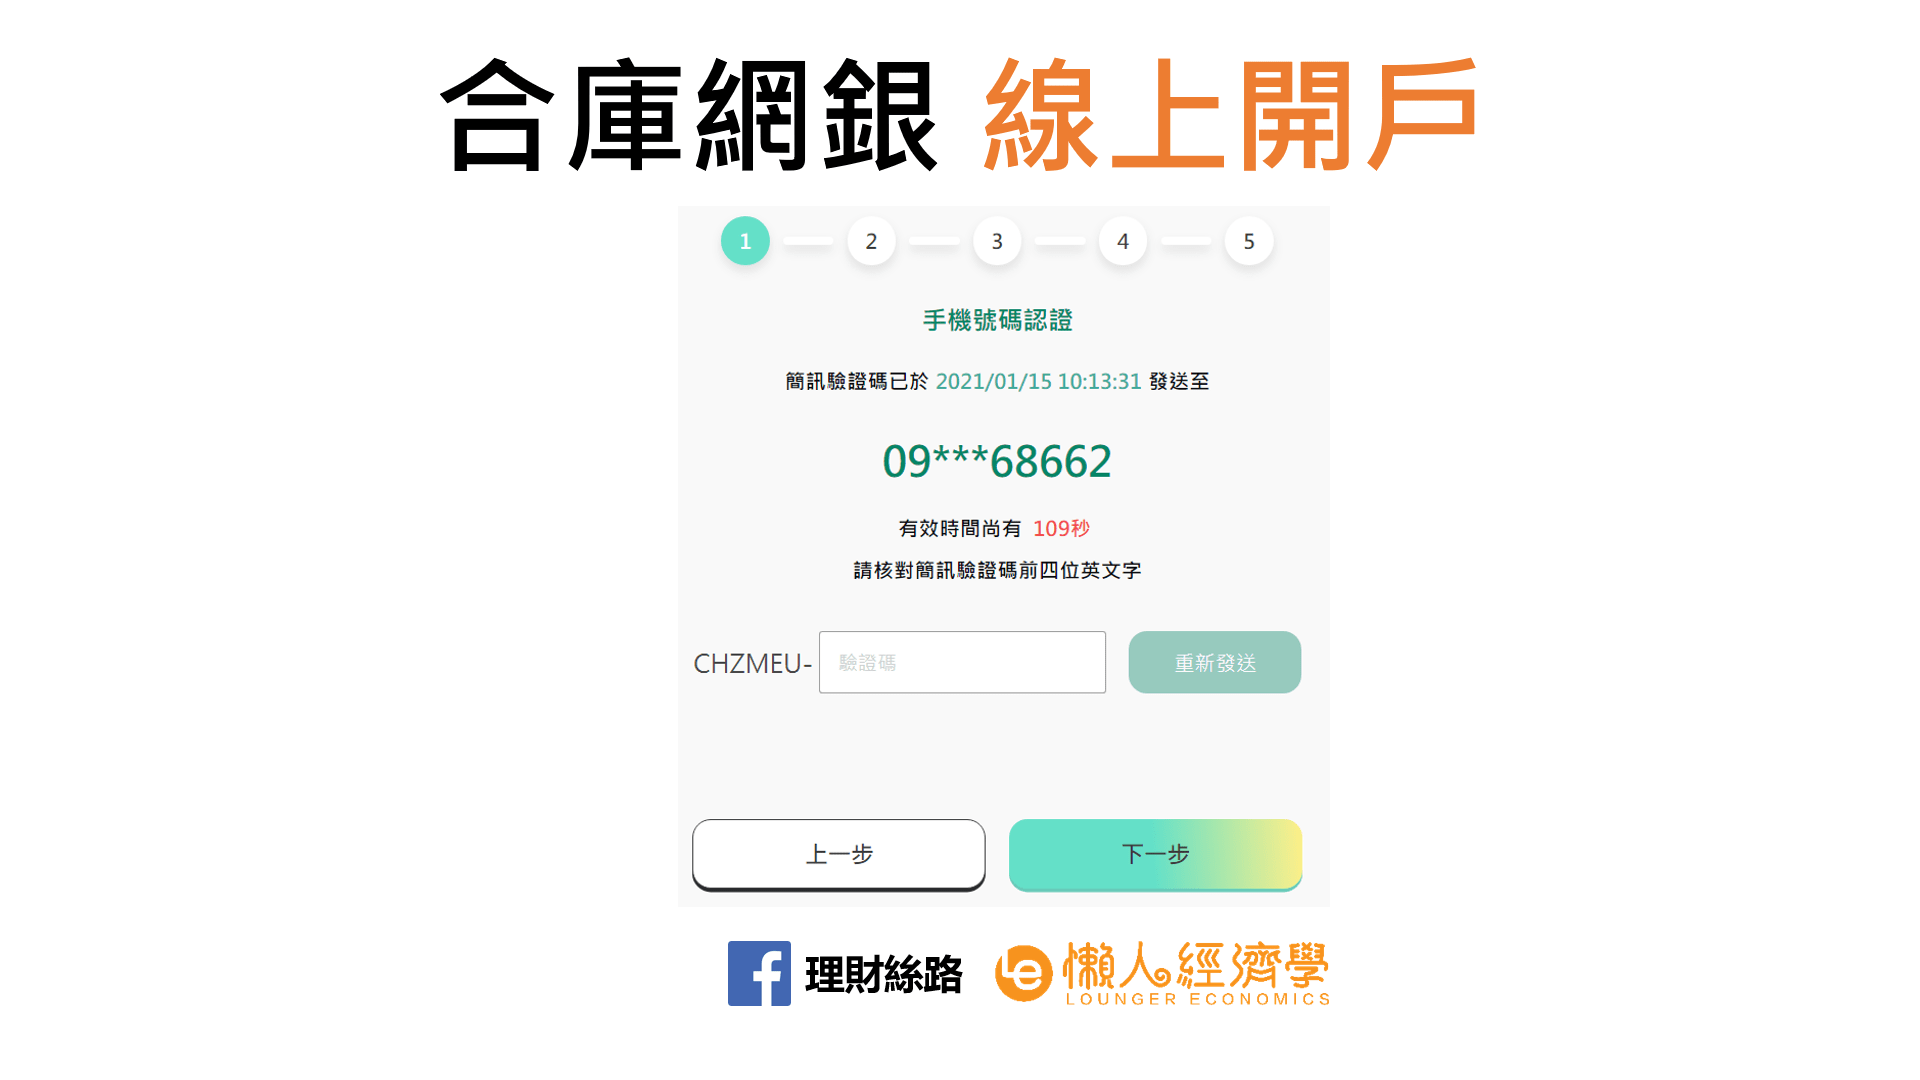 合作金庫數位帳戶手機認證